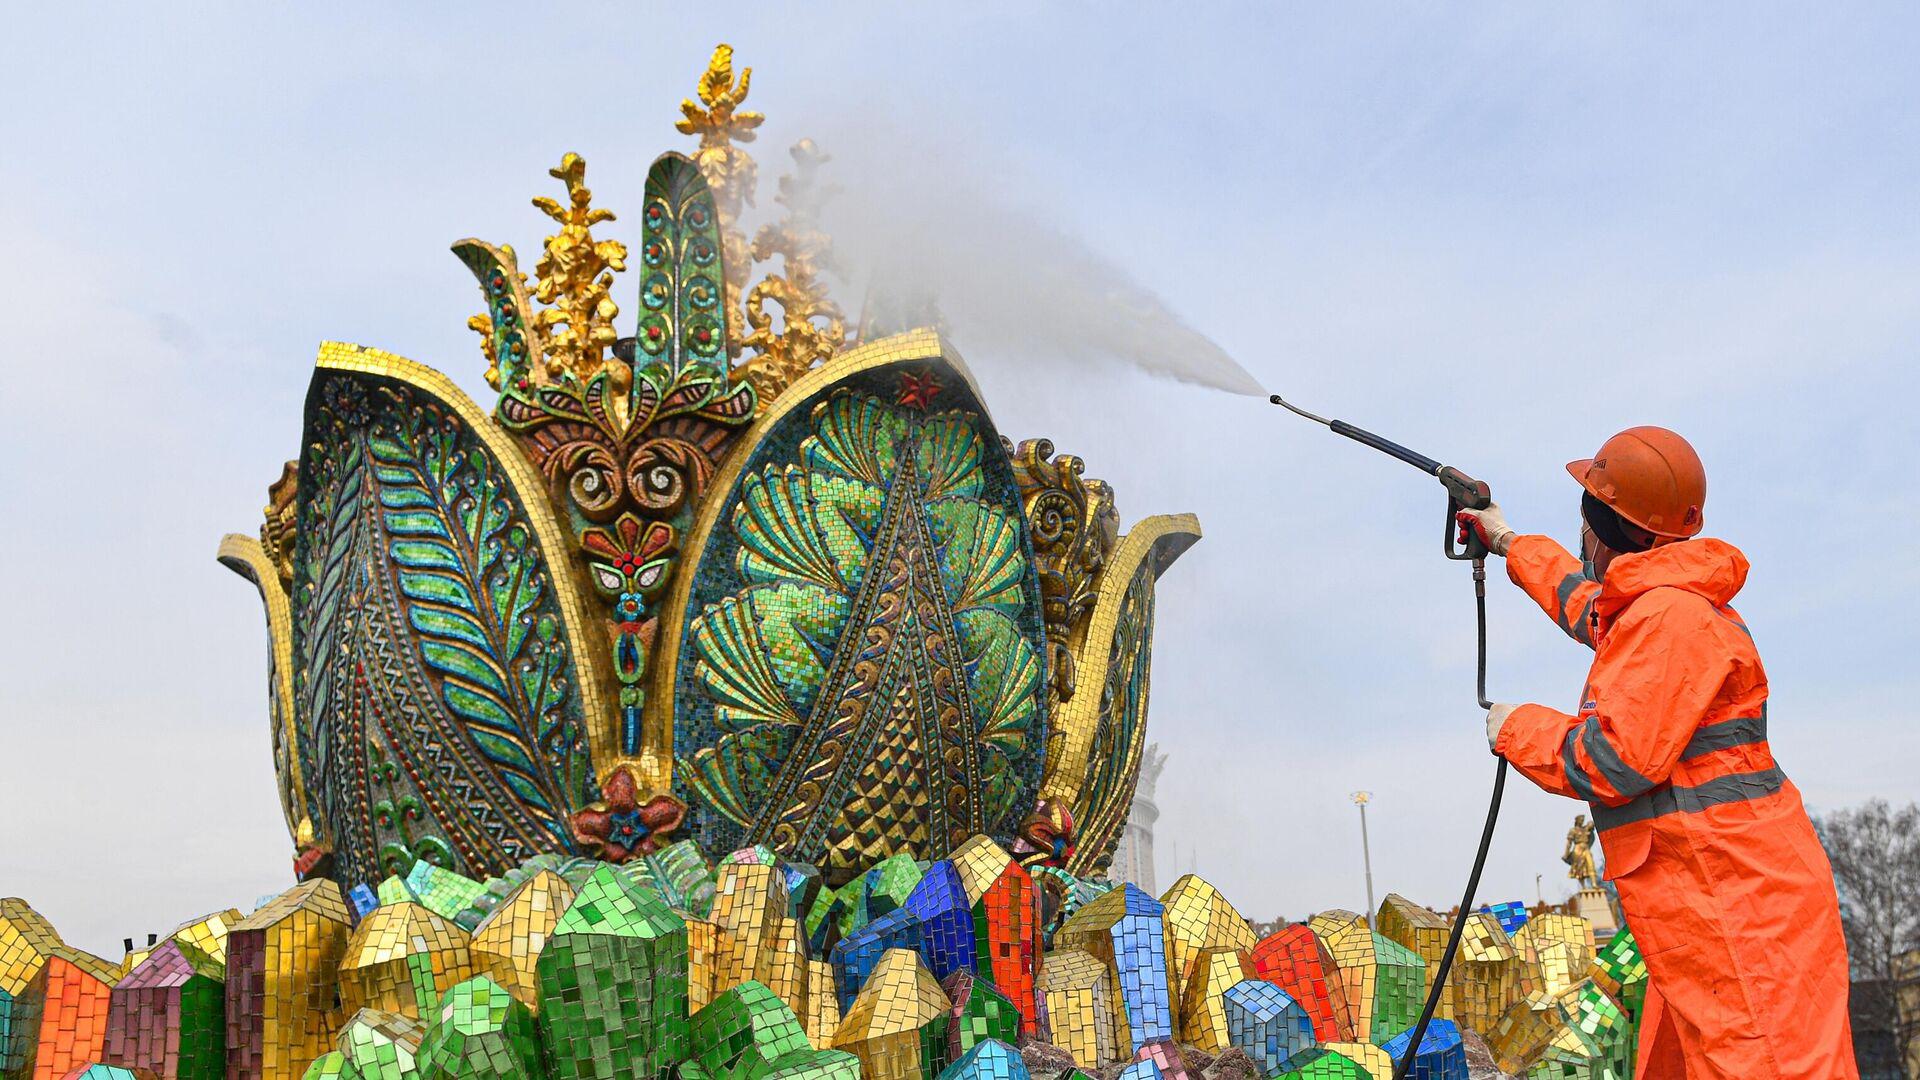 Монумент Покорителям космоса и фонтаны помыли после зимы на ВДНХ - РИА Новости, 1920, 12.04.2021